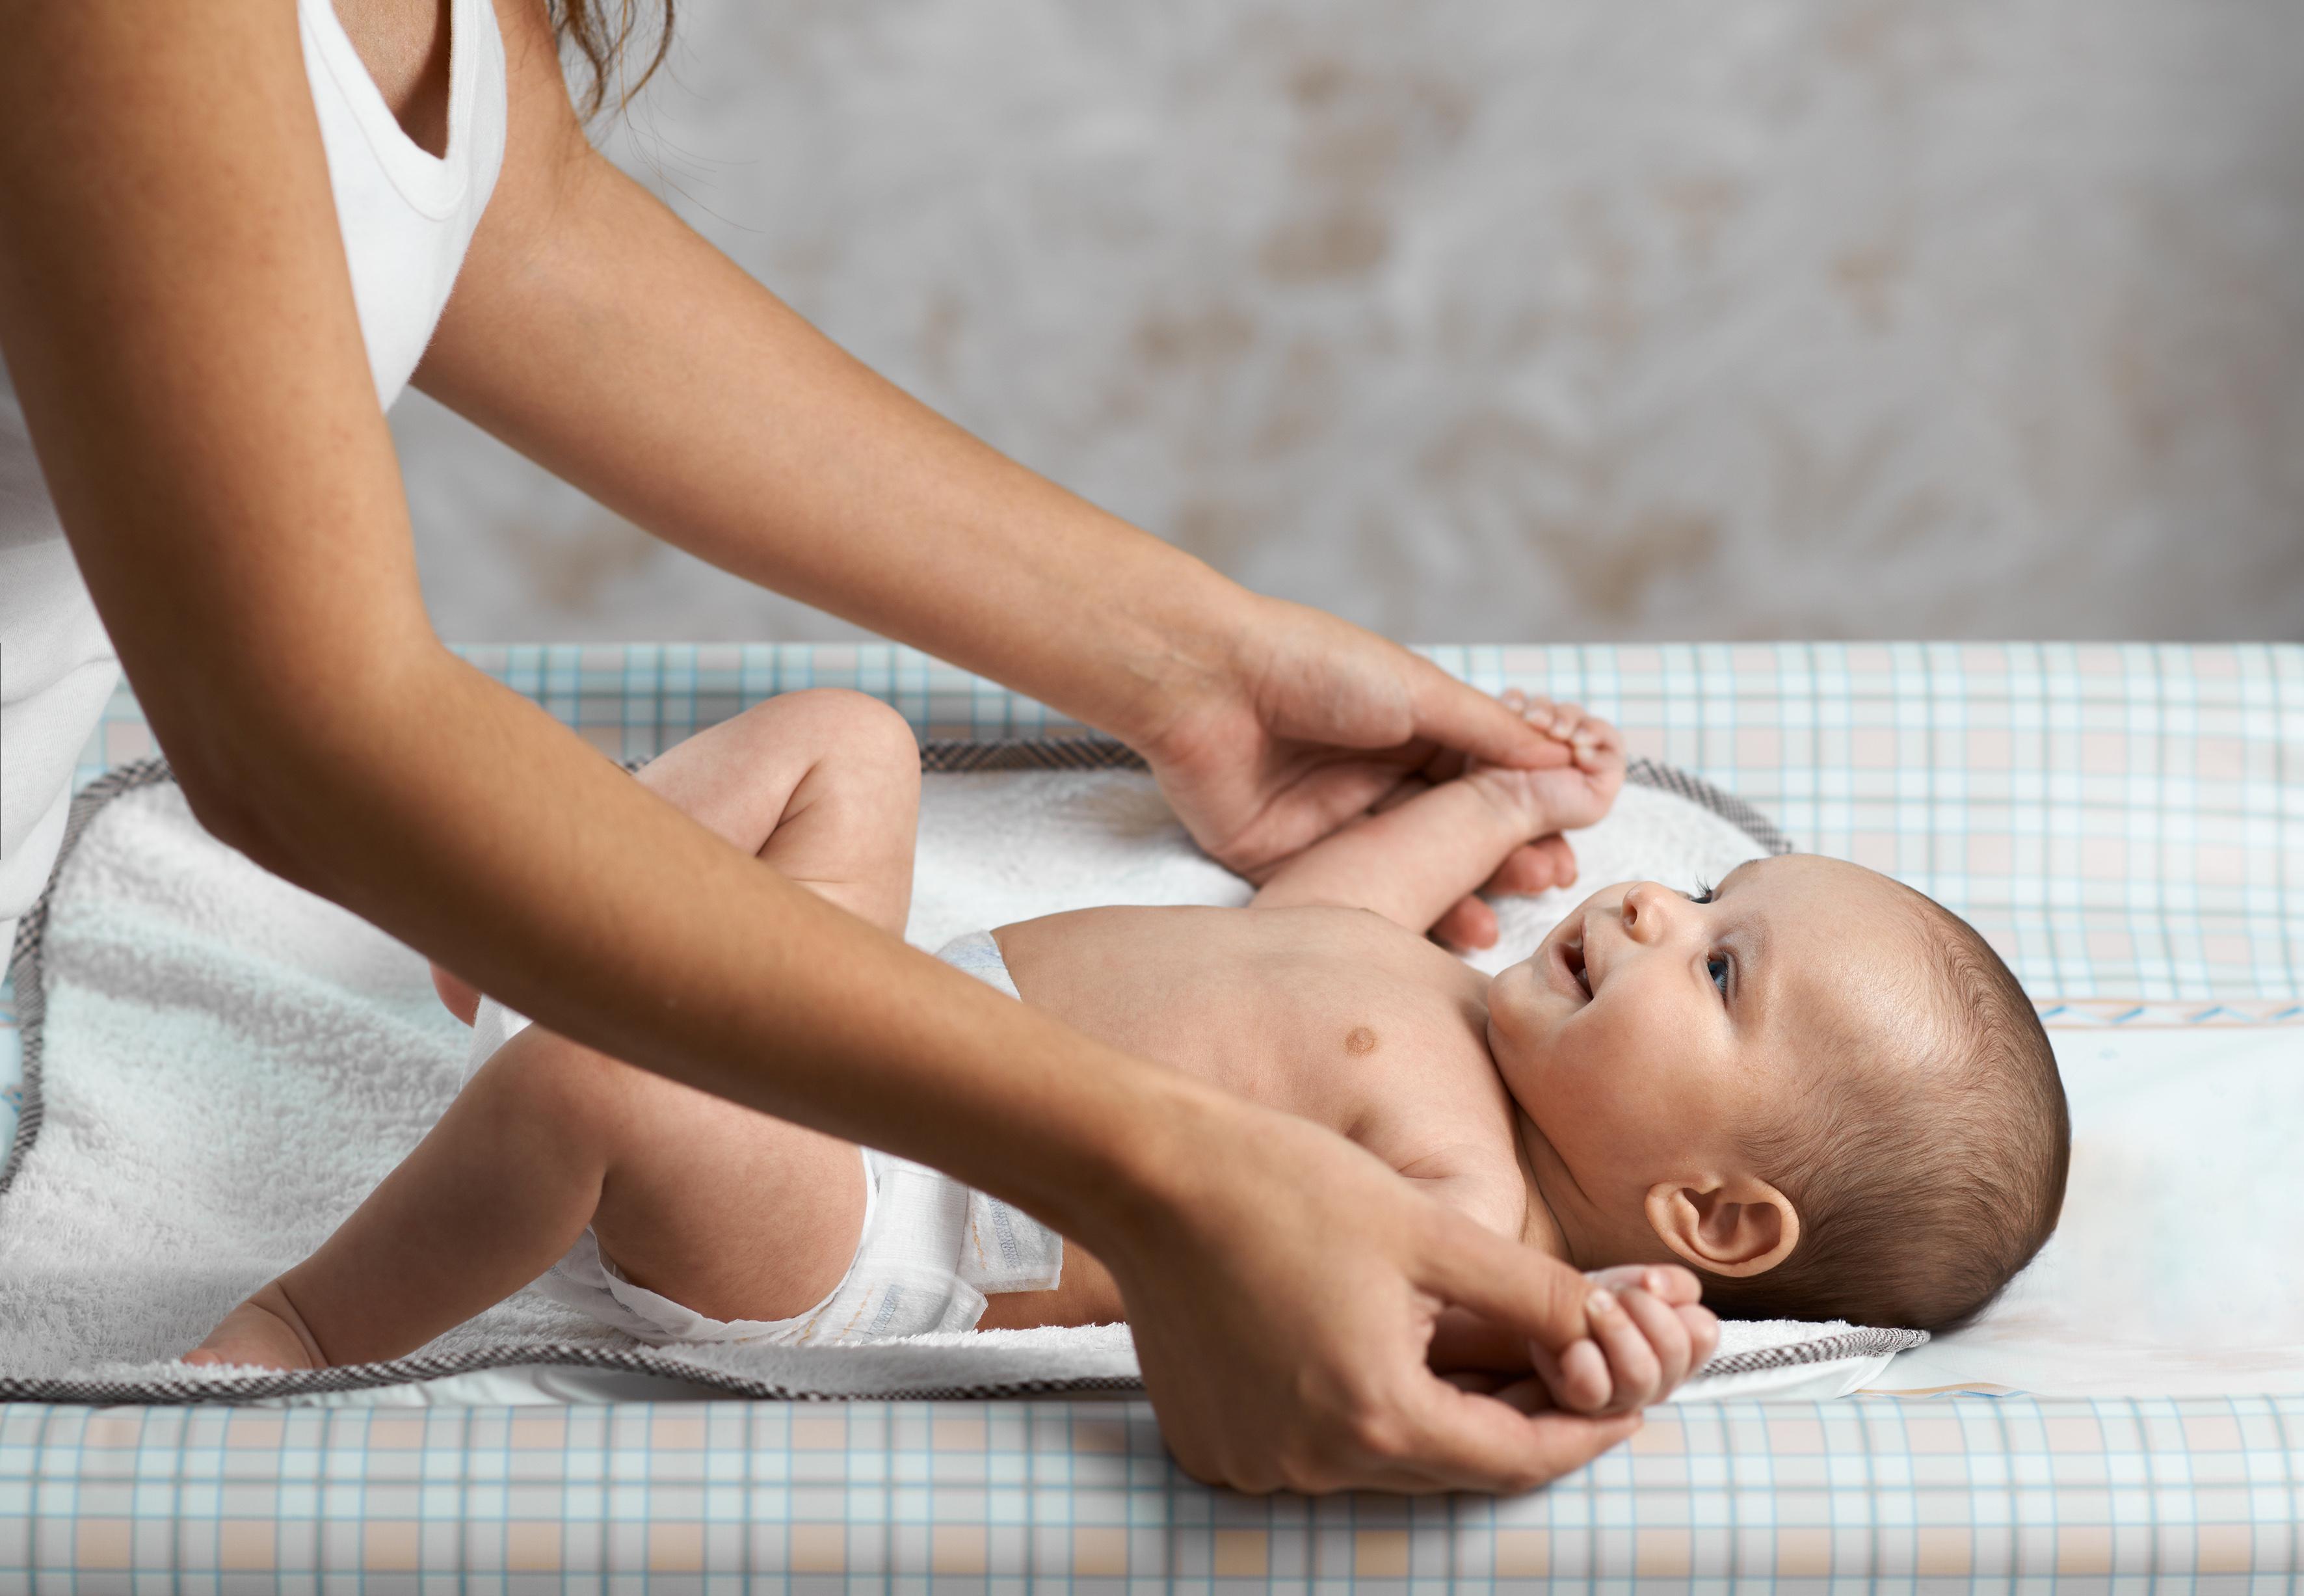 O trocador é um objeto importante no quarto do bebê. (Foto: Sutterstock)